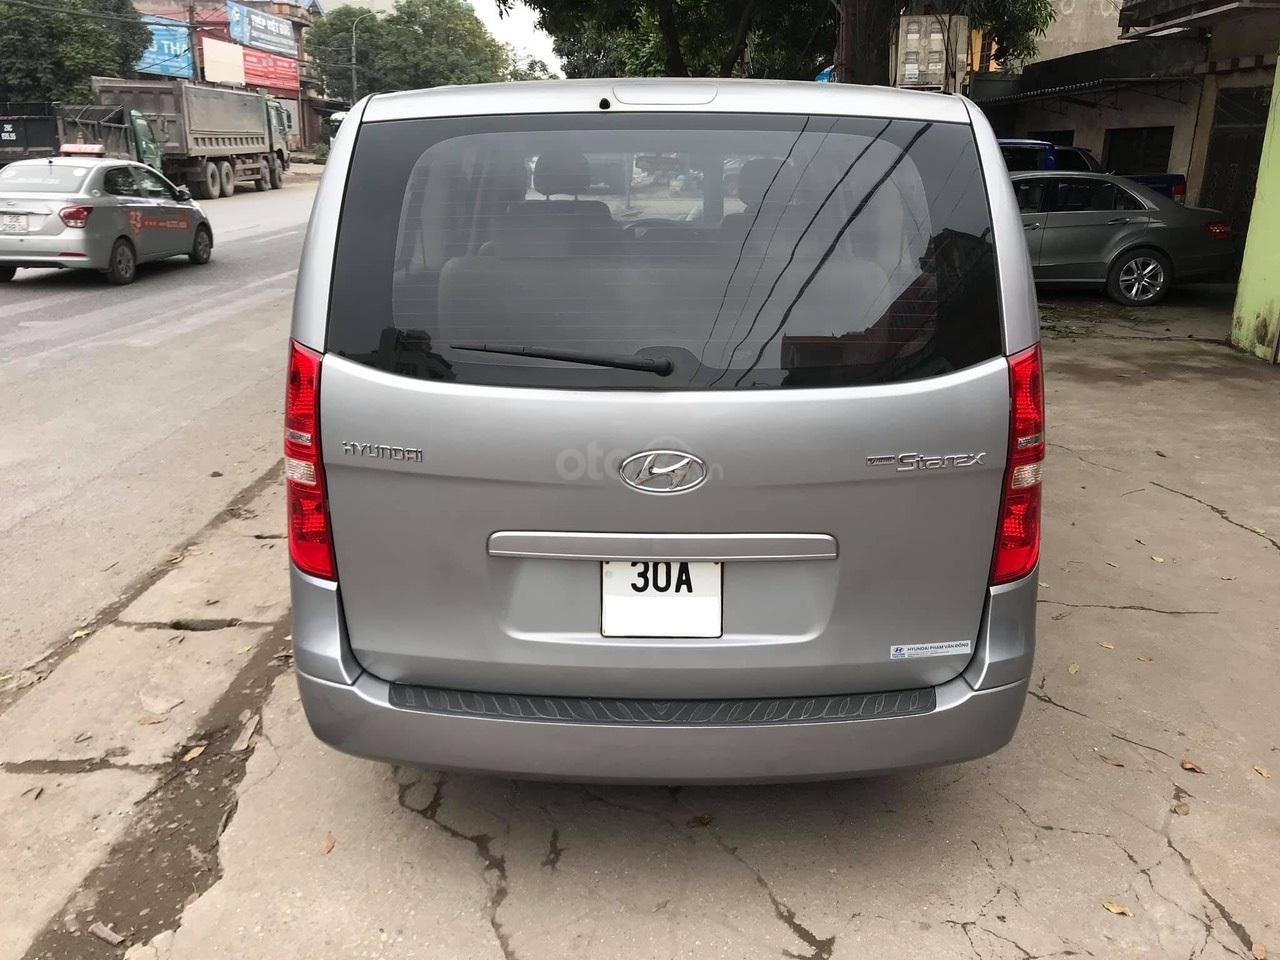 Bán xe 9 chỗ, máy dầu, số sàn hiệu Hyundai Starex, xe được nhập khẩu nguyên chiếc từ Hàn Quốc, đời 2014-5